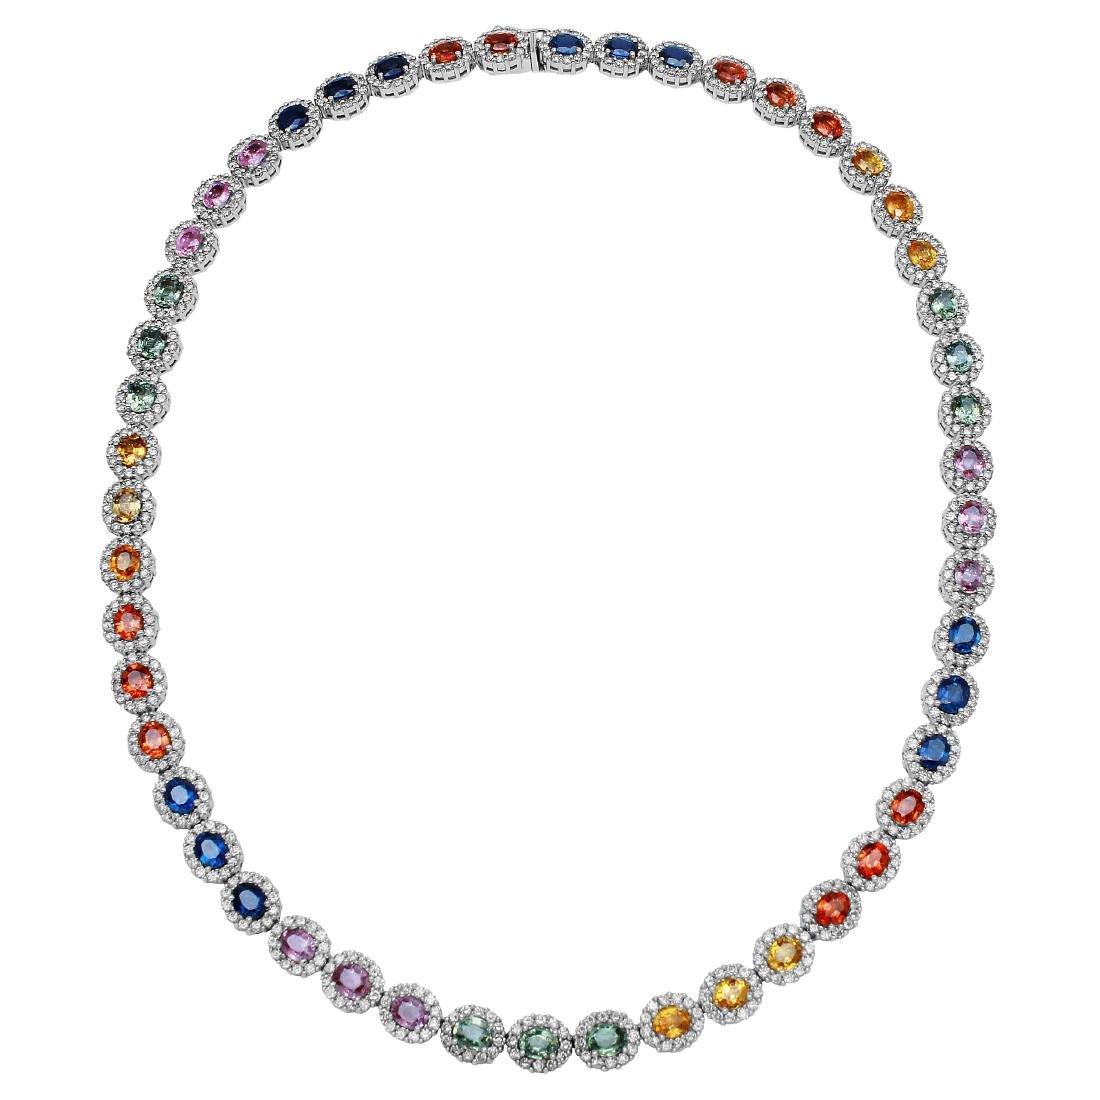 14KT White Gold Gemstone Necklace